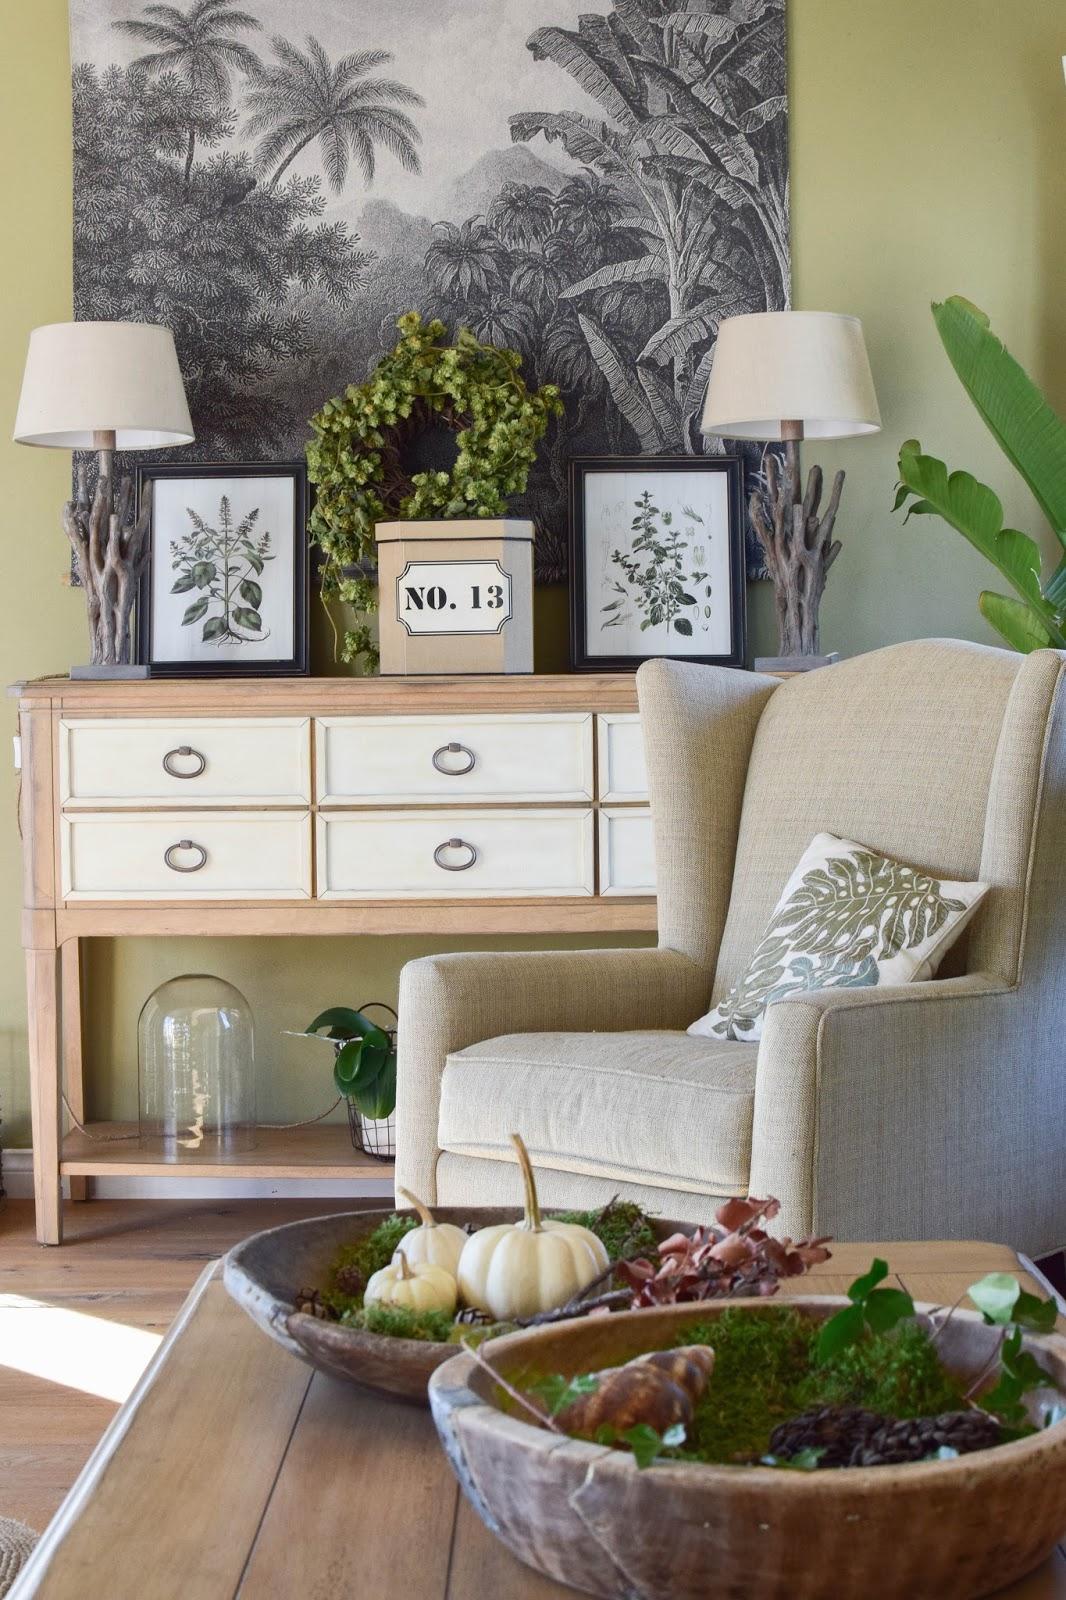 Urban Jungle: Deko fürs Wohnzimmer im Herbst im Botanical Style. Opulent, Gemütlich und eklektisch. Dekoidee, Interior, Einrichtung, Dekoration